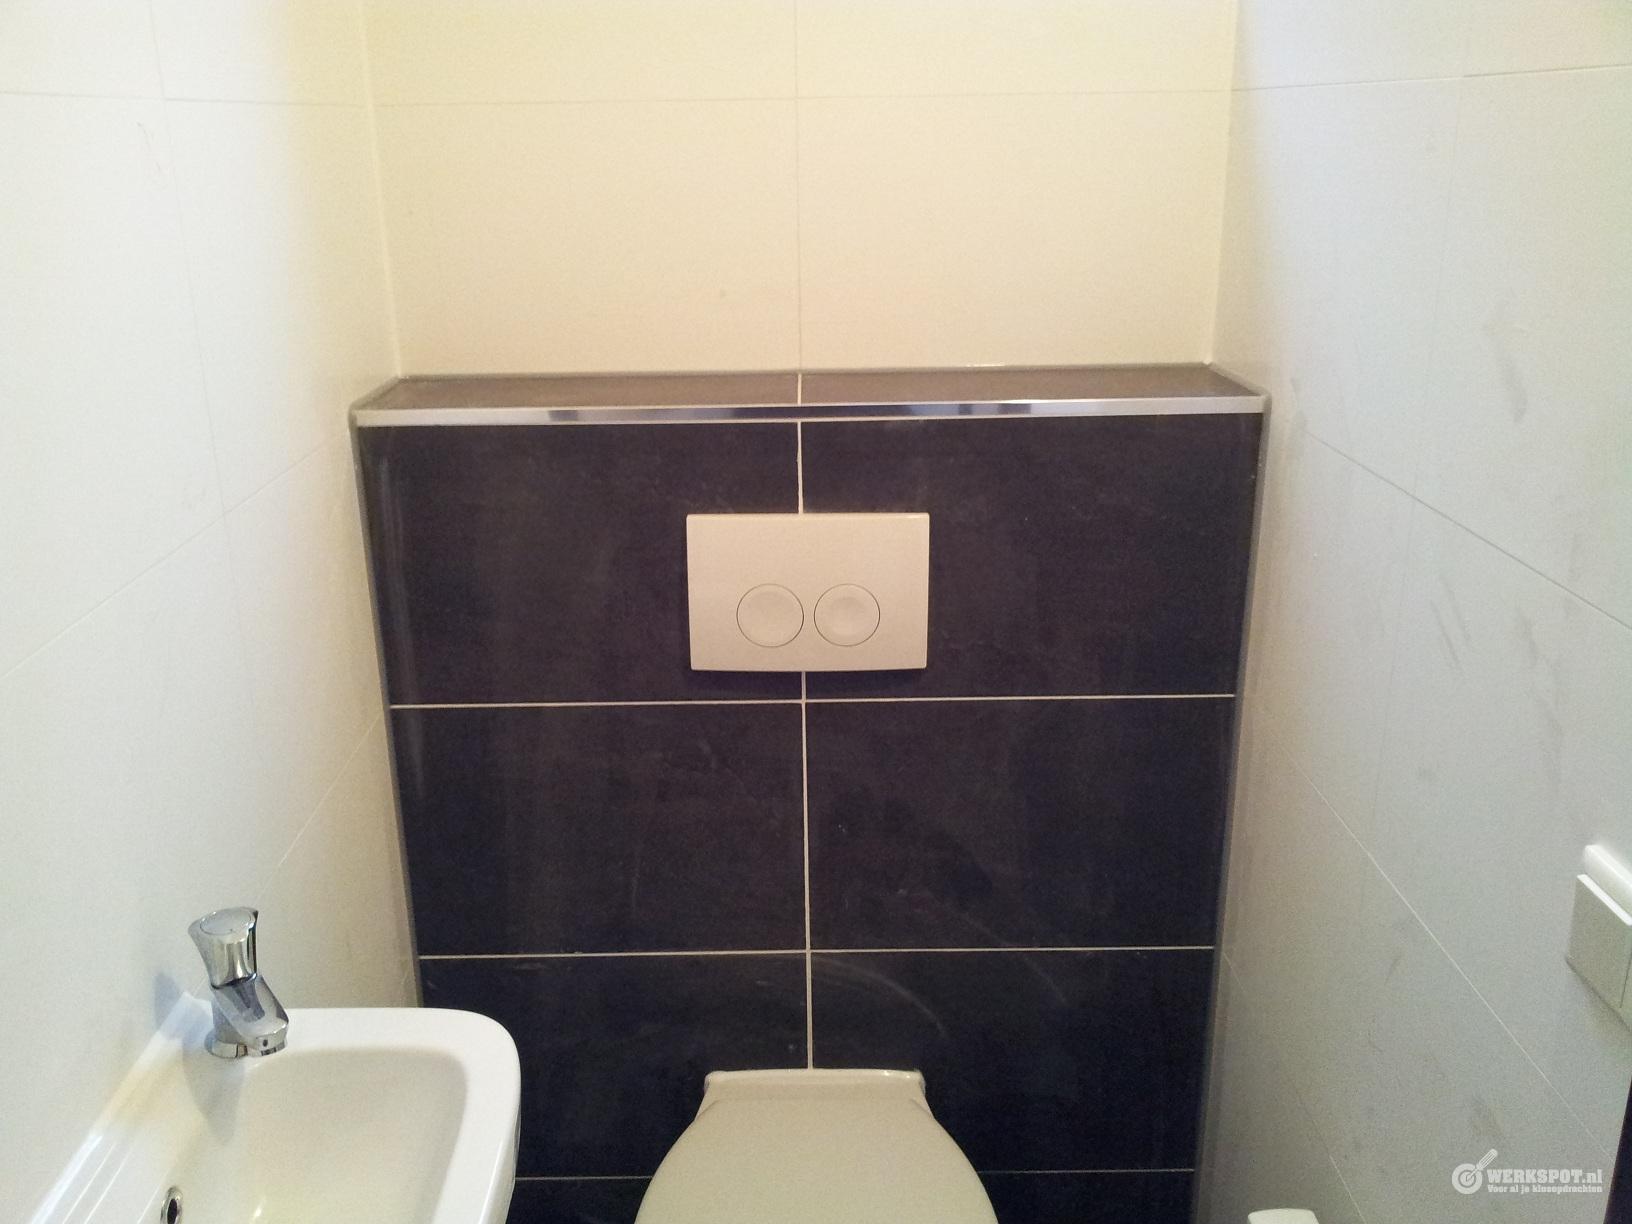 Toilet Betegelen Kosten : Kosten tegelen badkamer moderne badkamer laten betegelen kosten